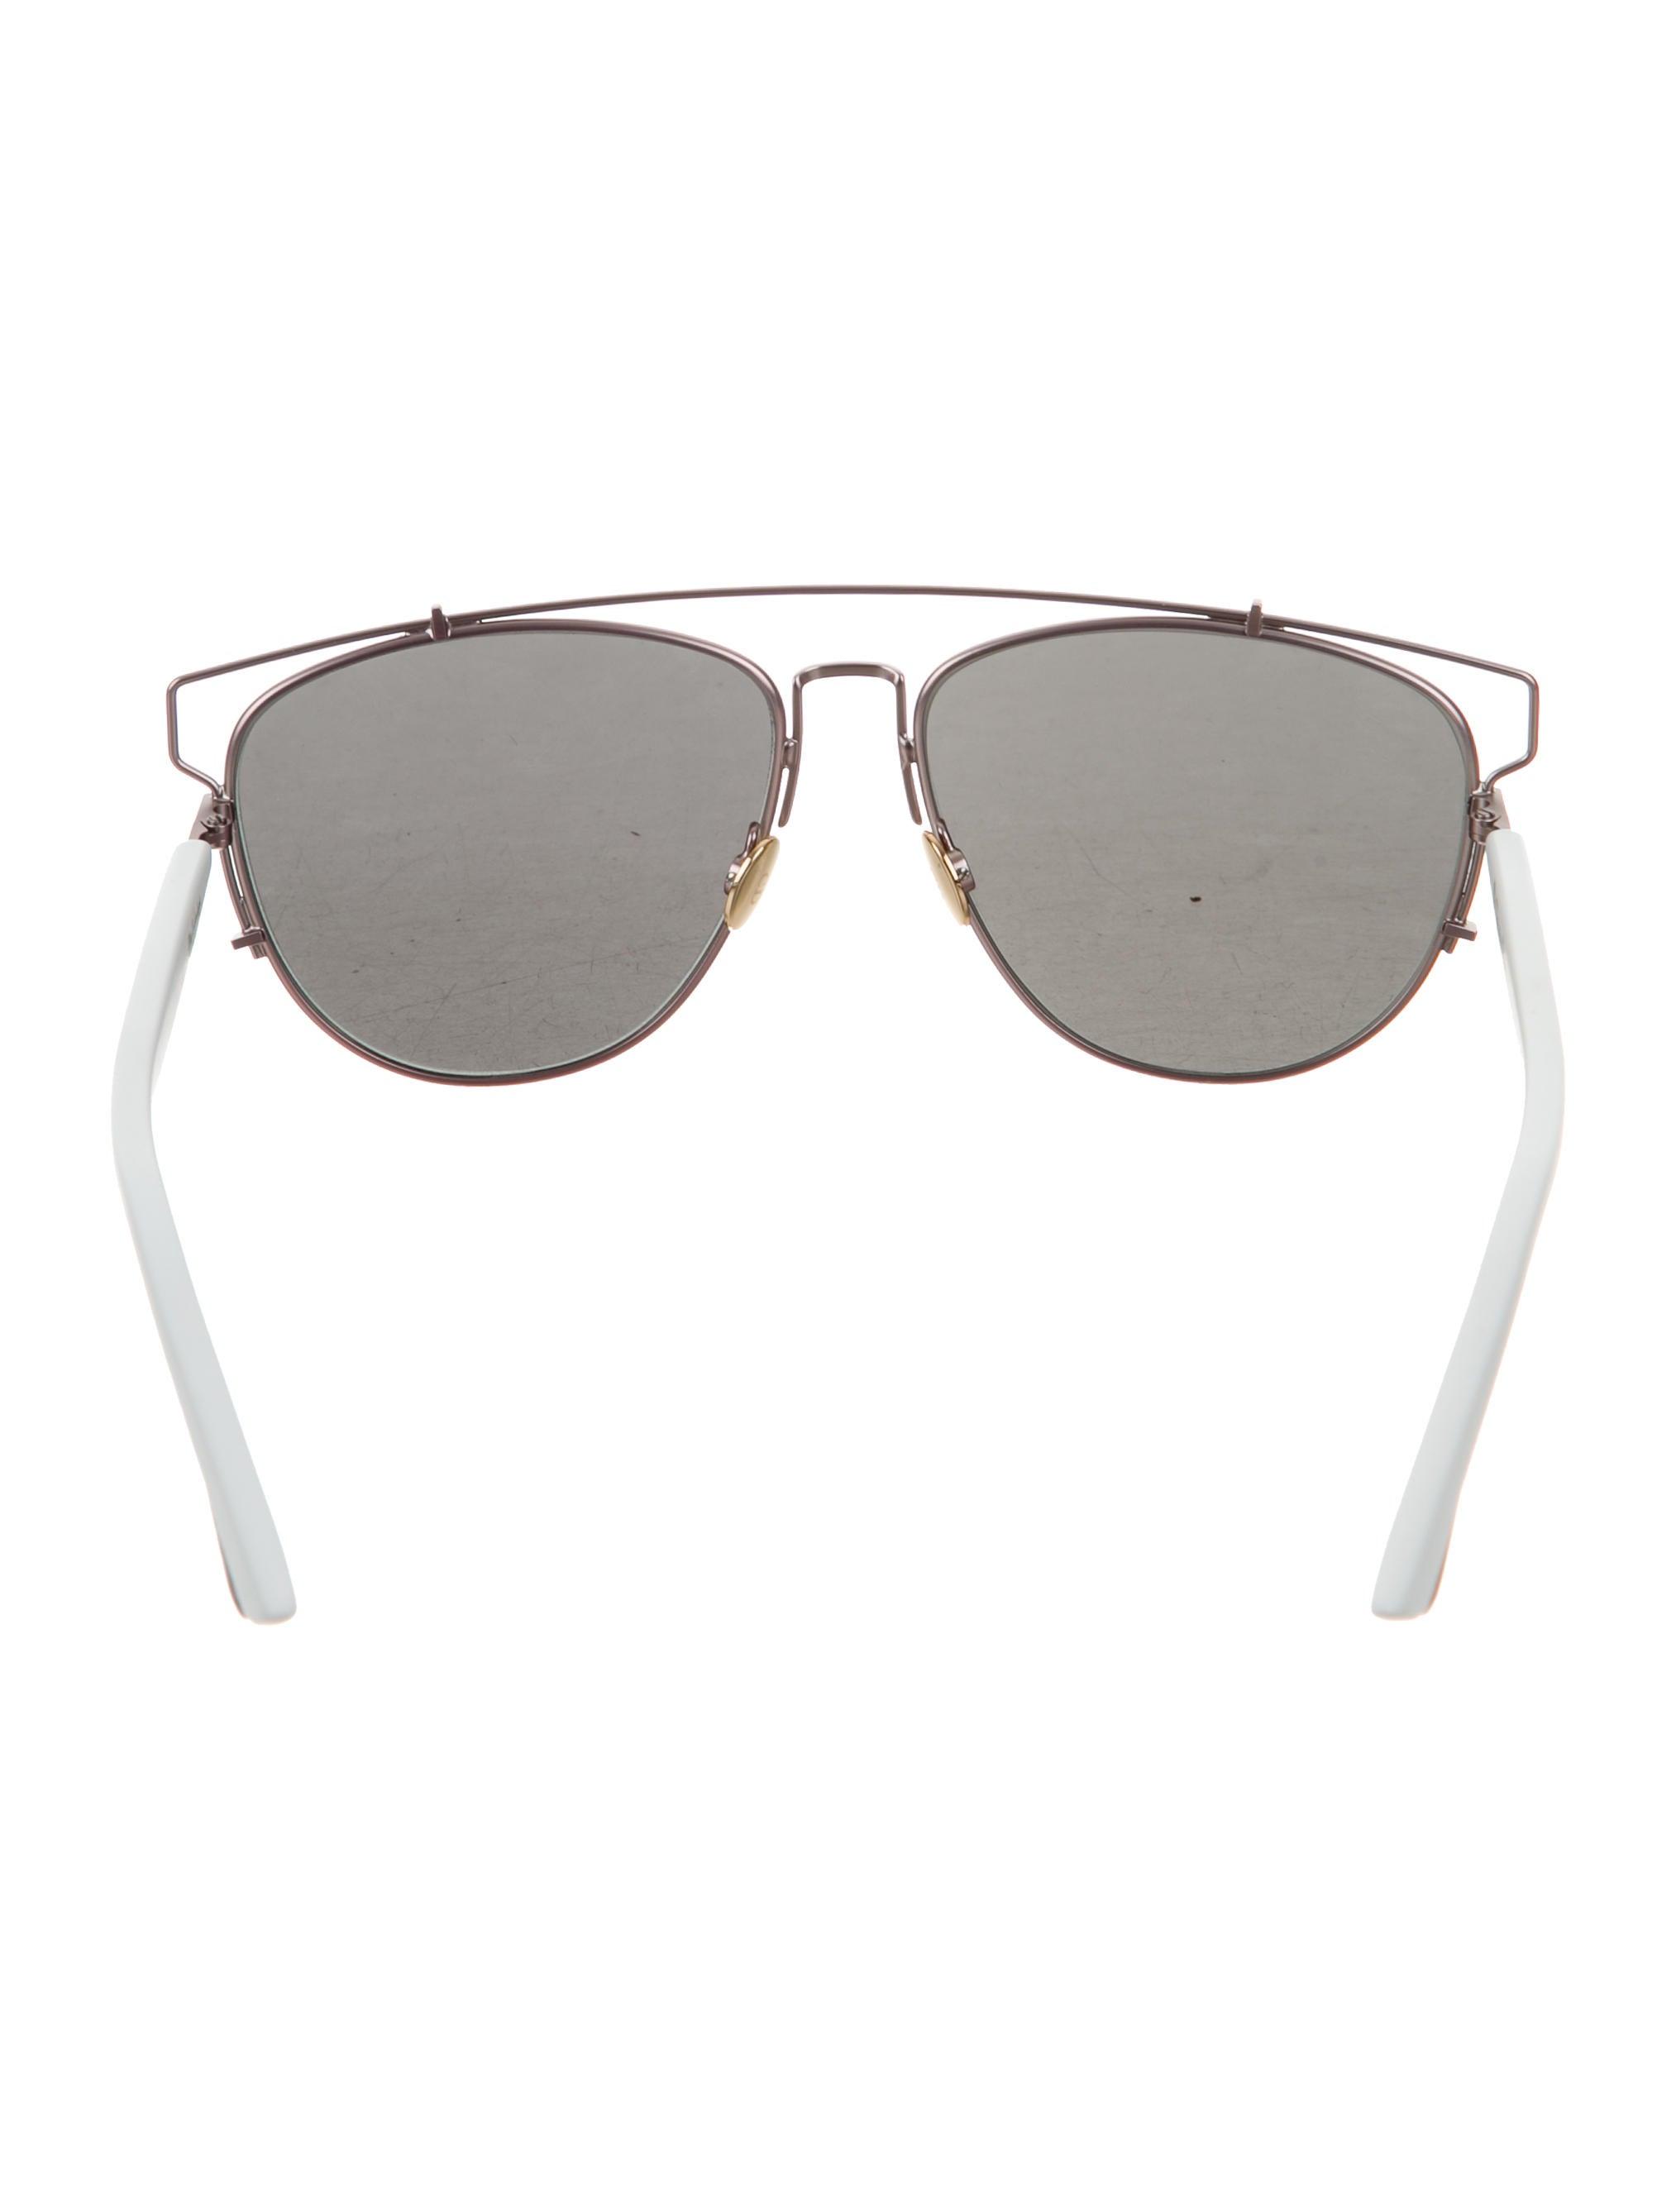 f0ad6e66798c Dior Homme Sunglasses Case